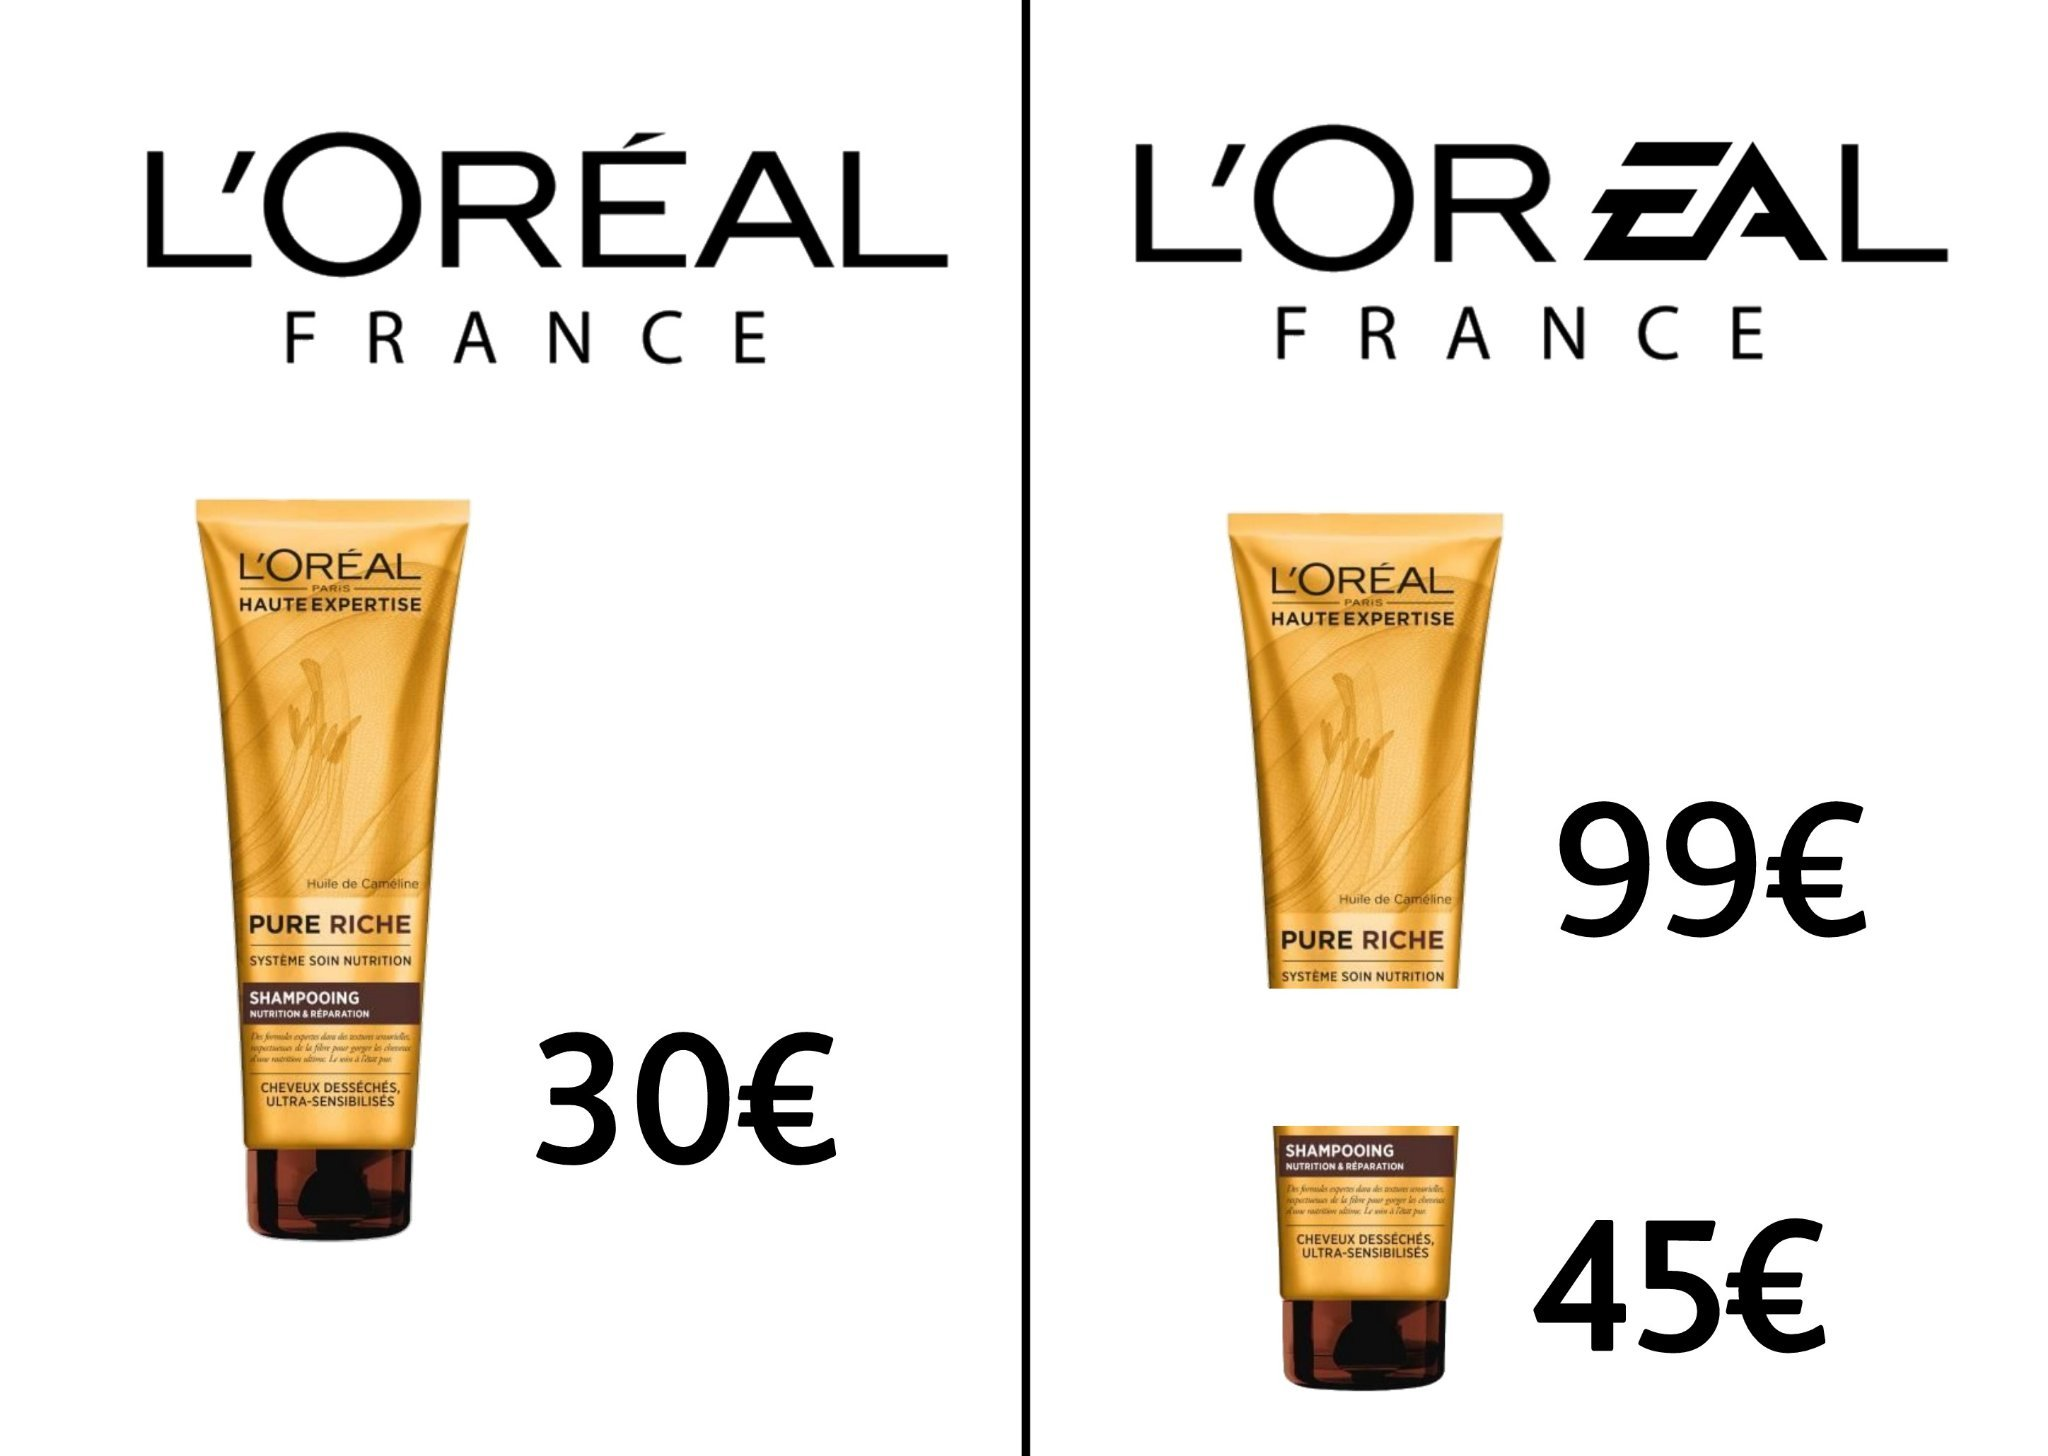 30€ ça reste beaucoup trop cher - meme